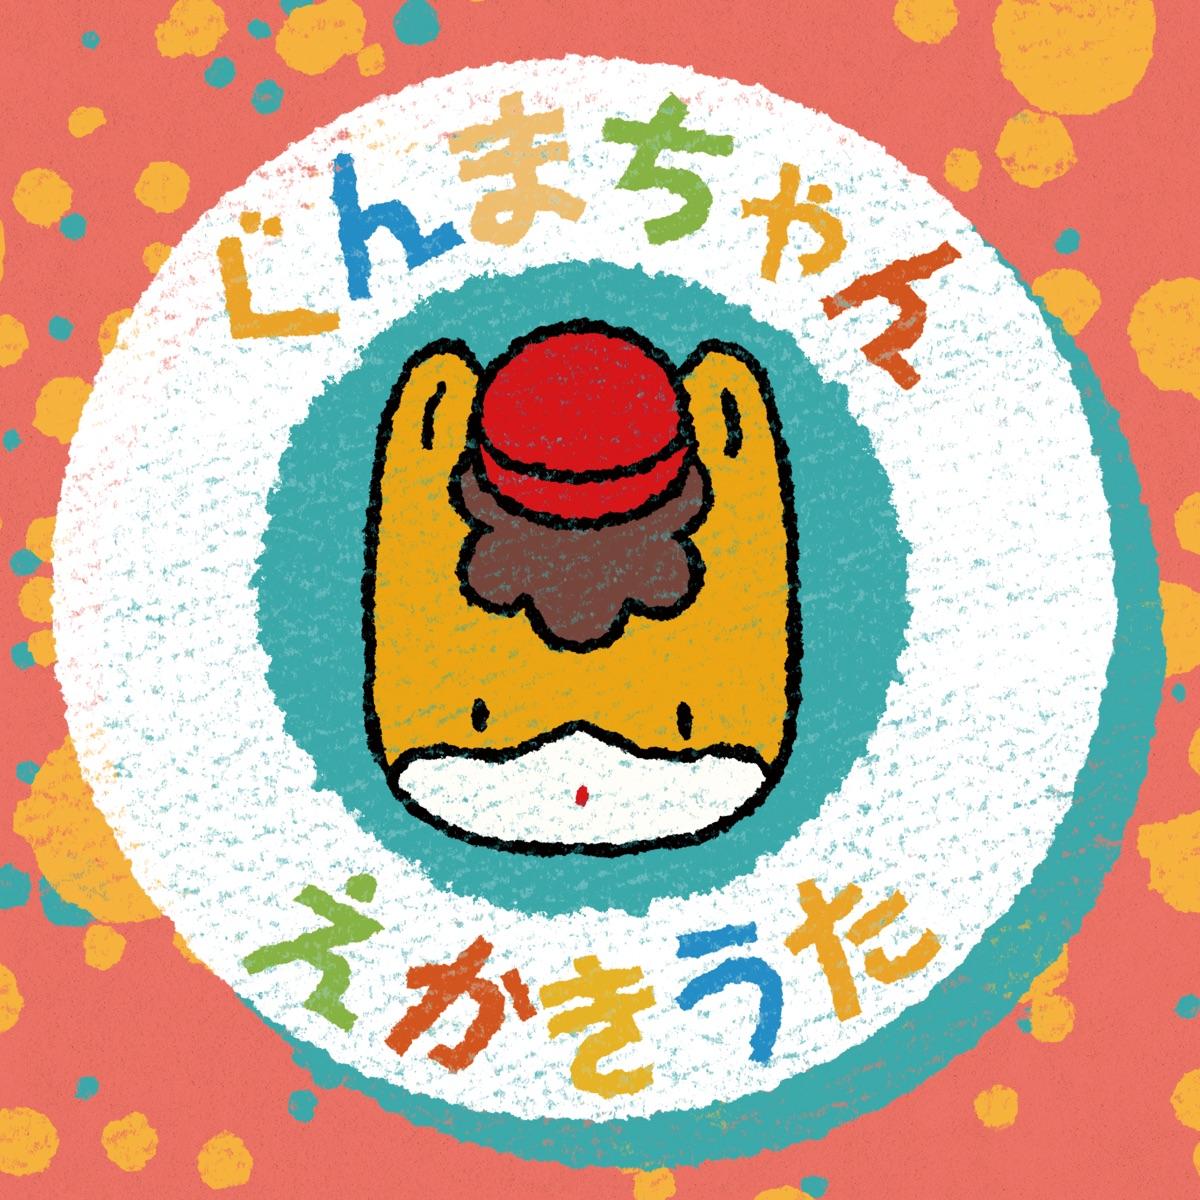 『内田彩 - ぐんまちゃん えかきうた』収録の『ぐんまちゃん えかきうた』ジャケット